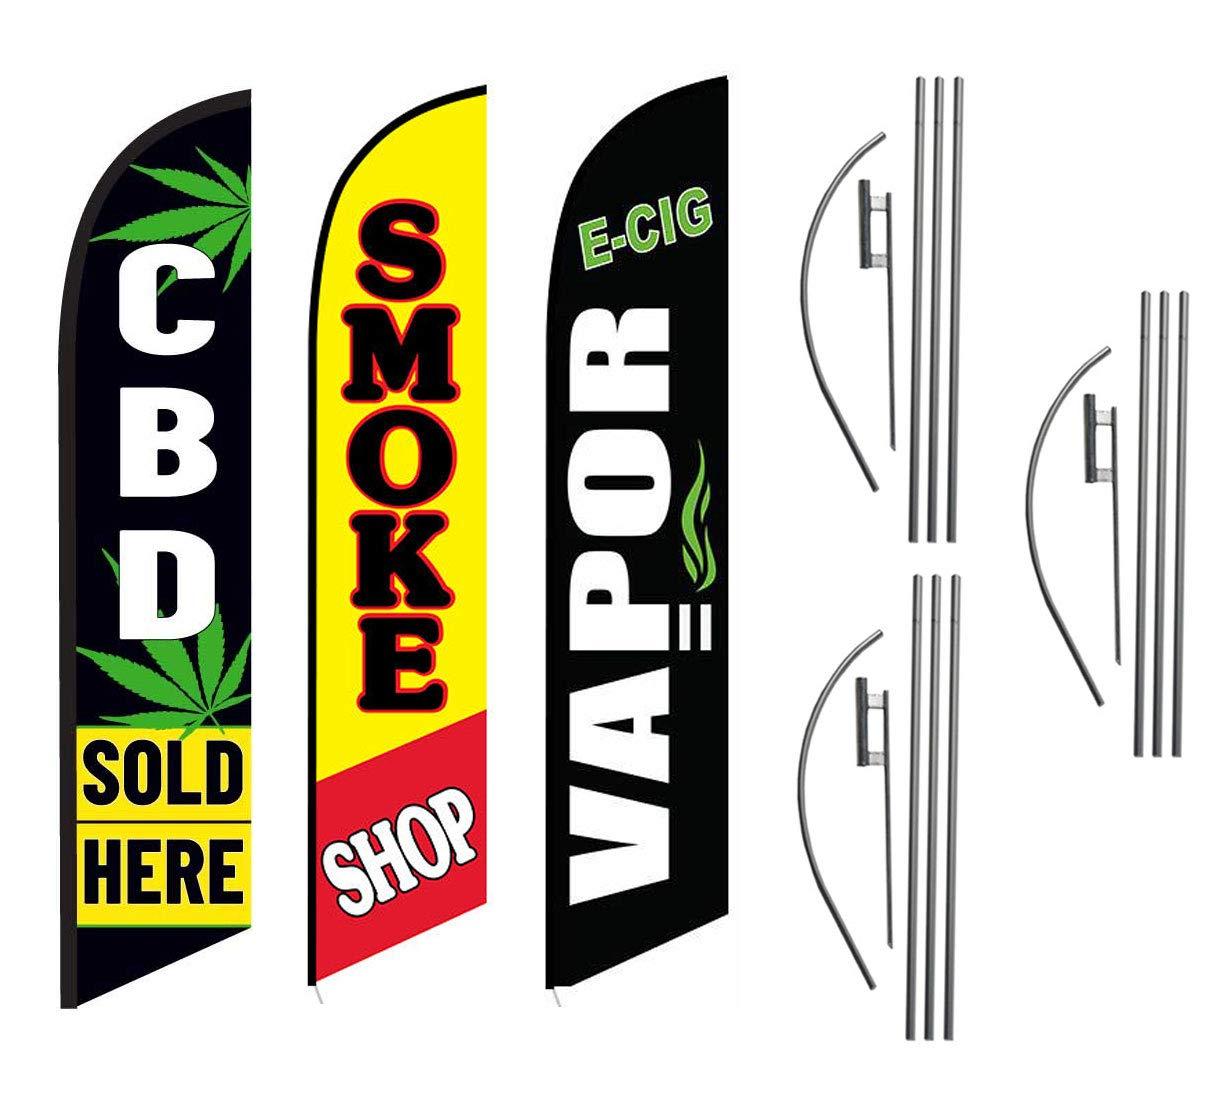 Green Windless Banner Advertising Marketing Flag E-Cigs Vapor Sold Here Black